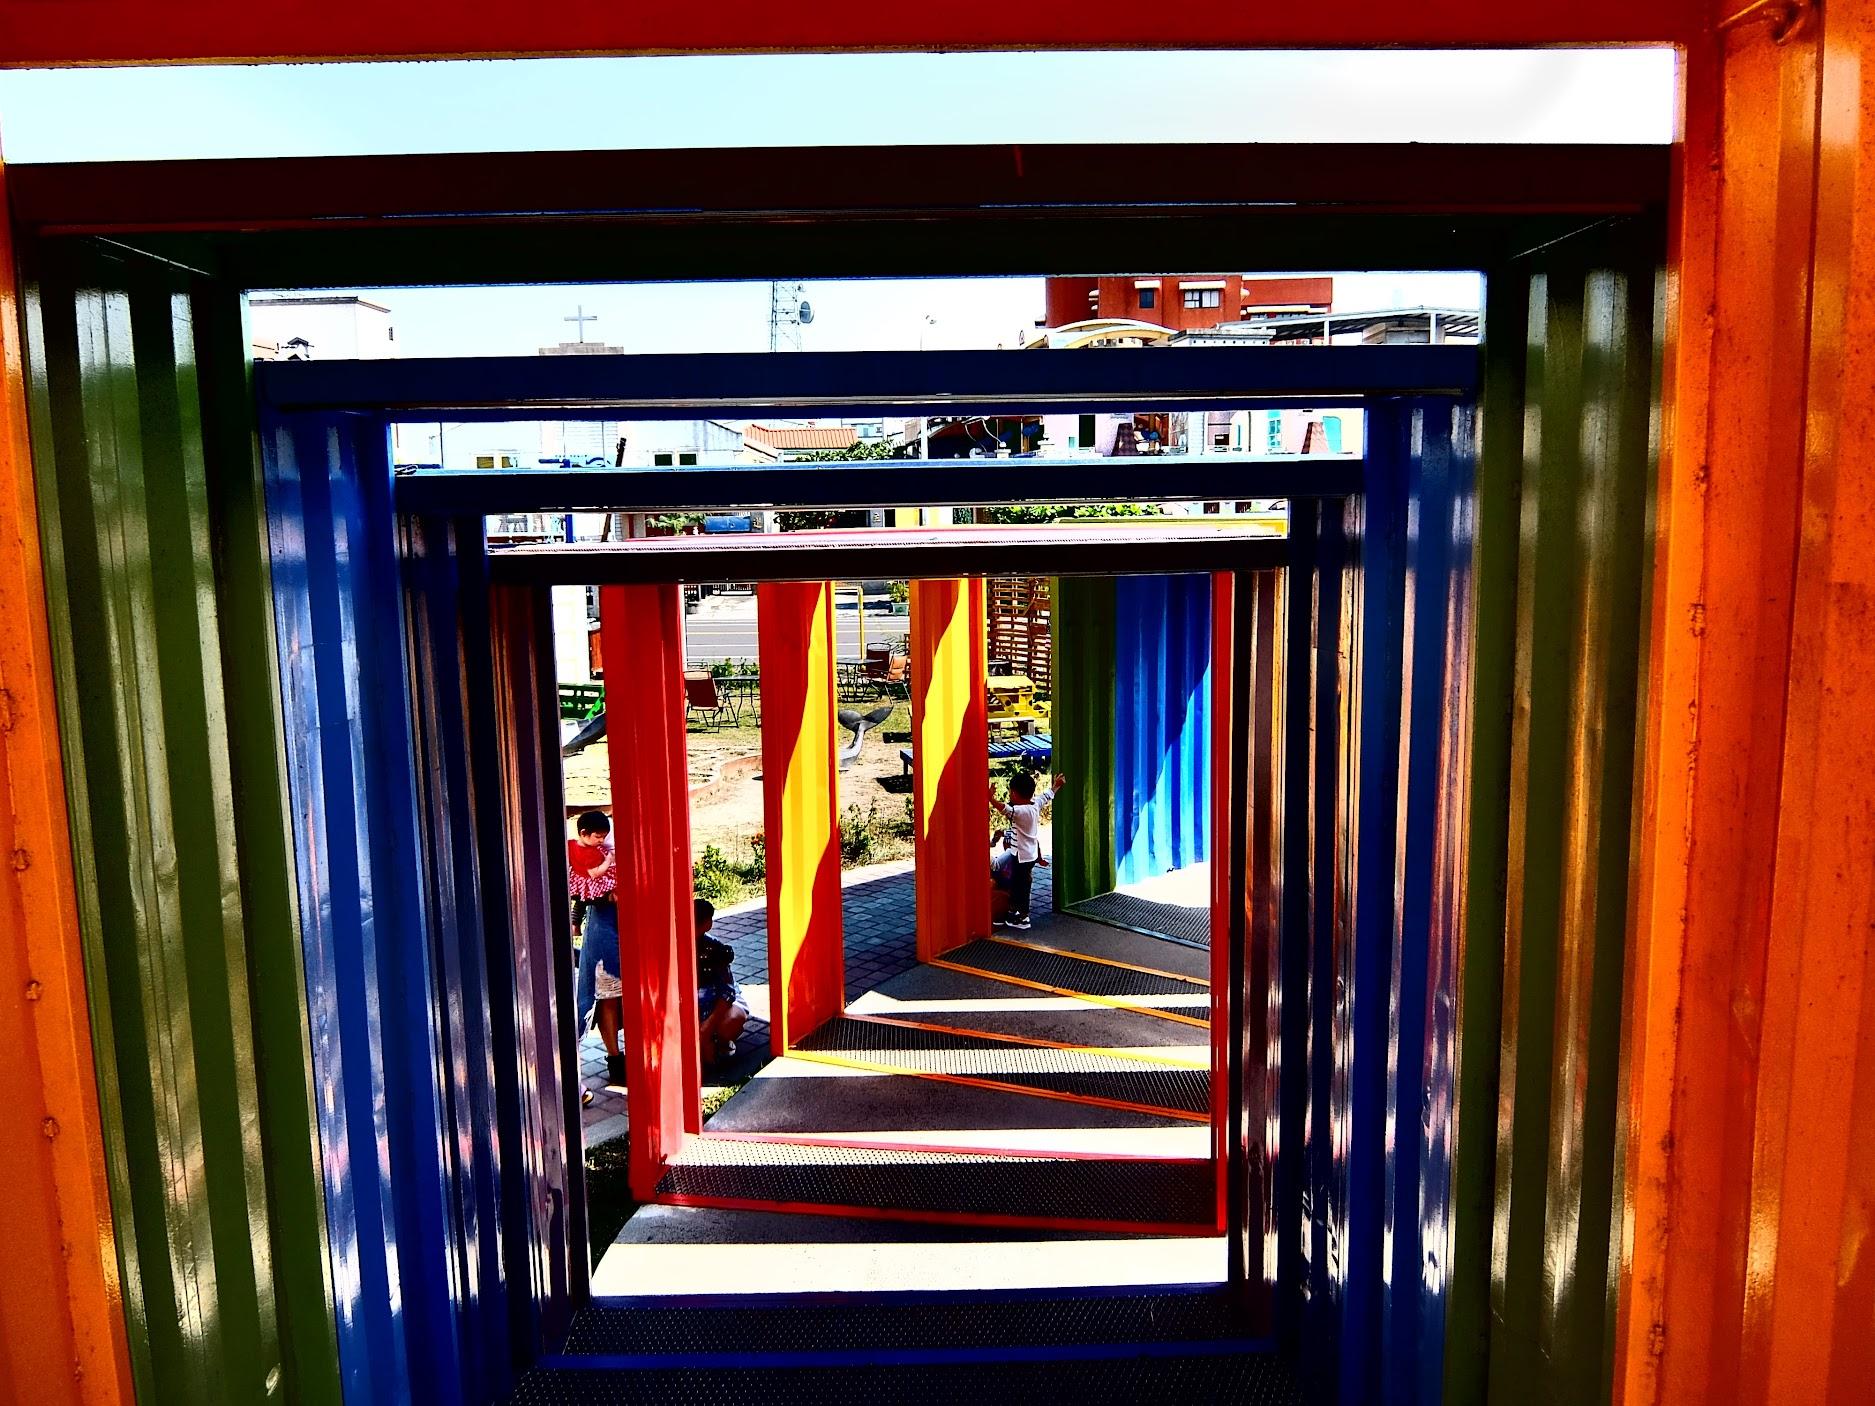 另一個角度的貨櫃拱橋